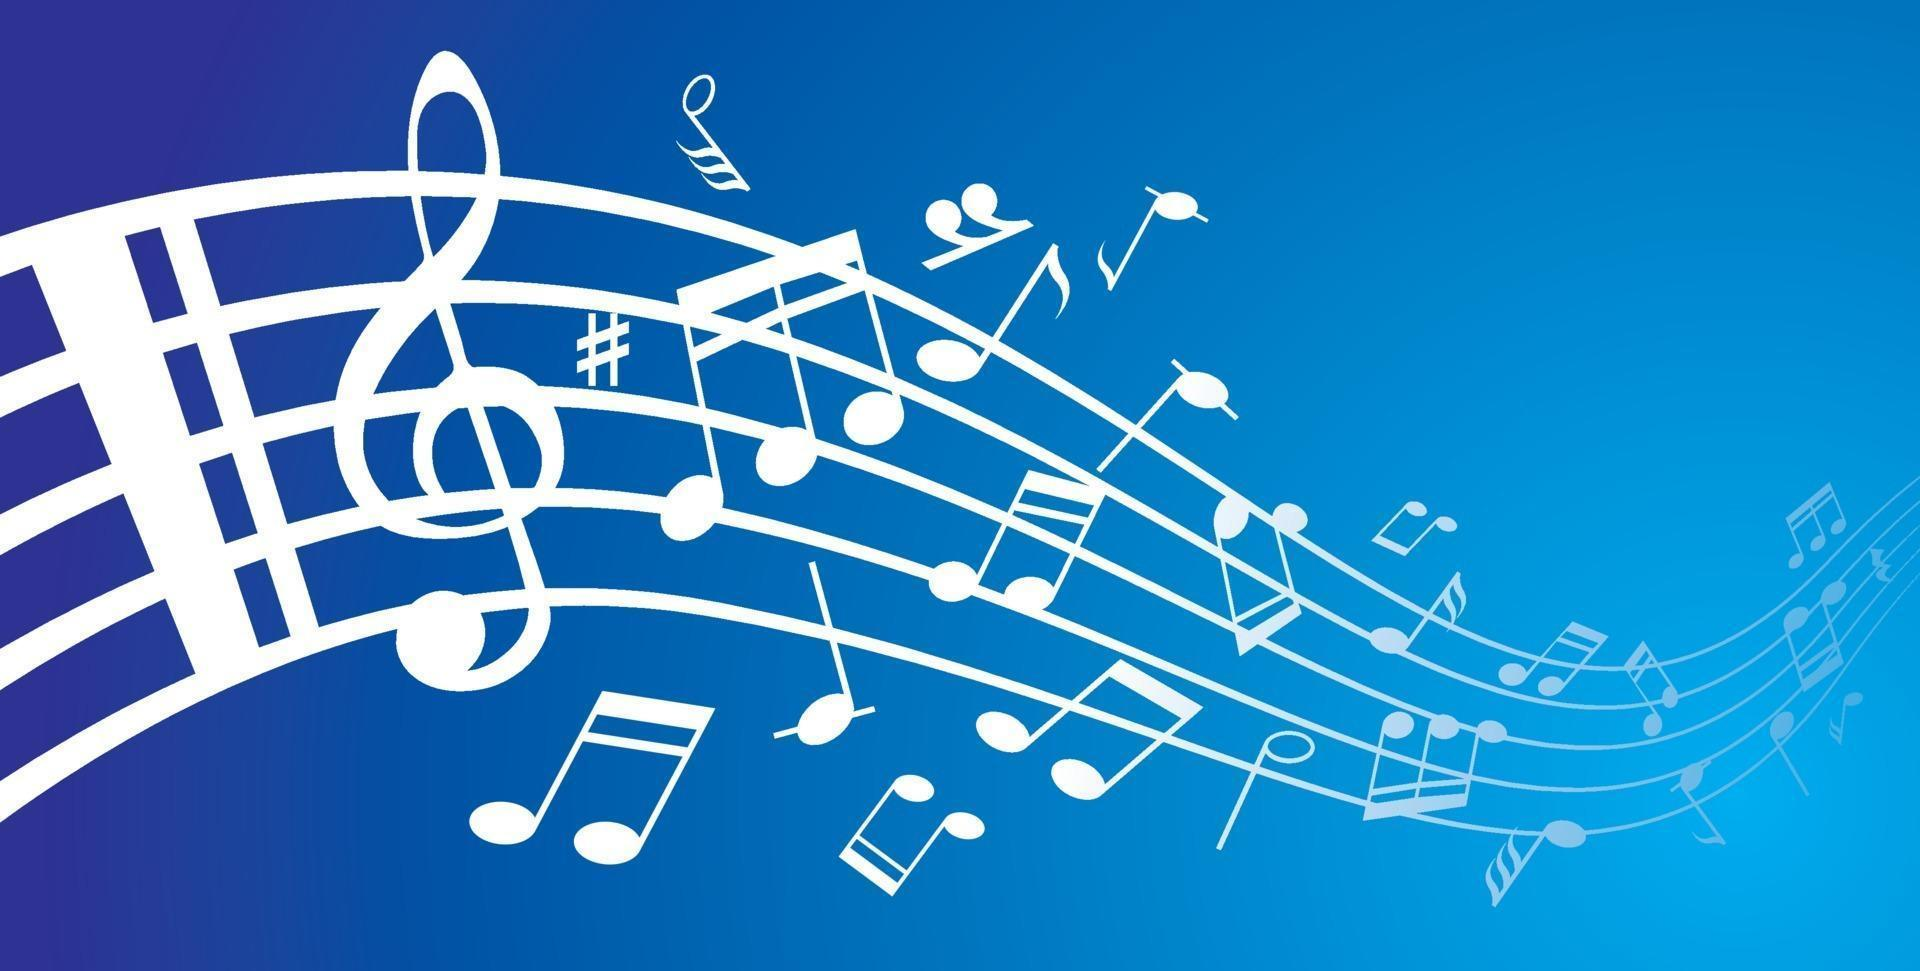 verzameling muzieknoten op een notenbalk vector